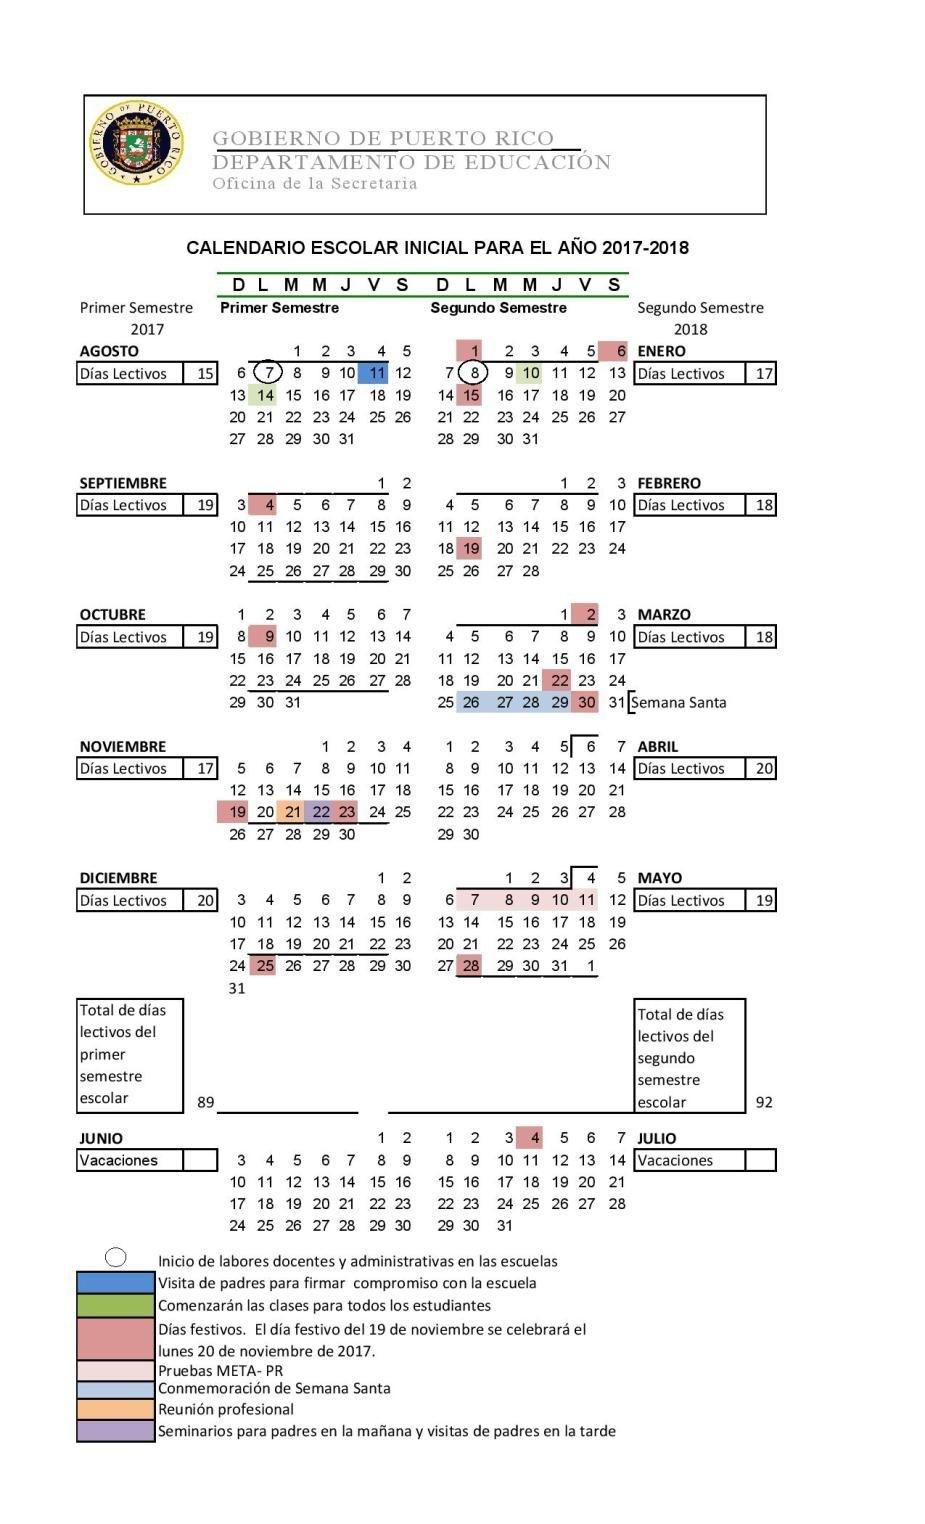 Calendario Escolar De Puerto Rico Para El Año 2017-2018